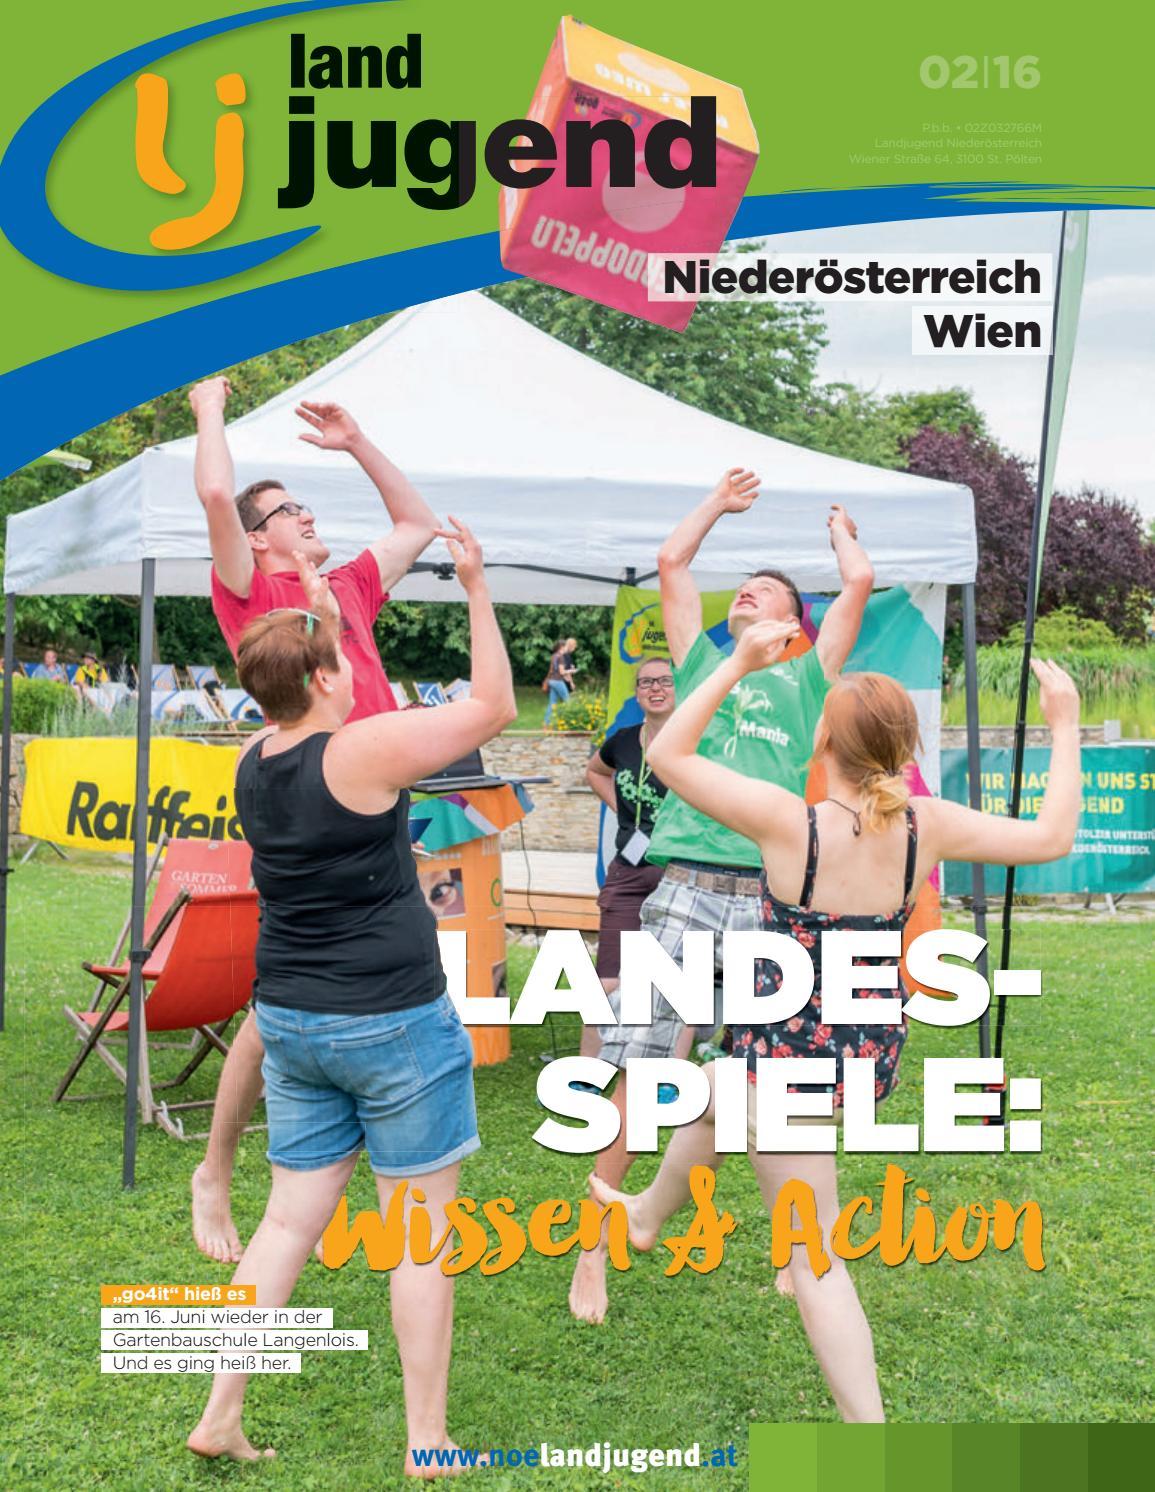 Mdling singles den - Viktring singlebrsen - Neu leute